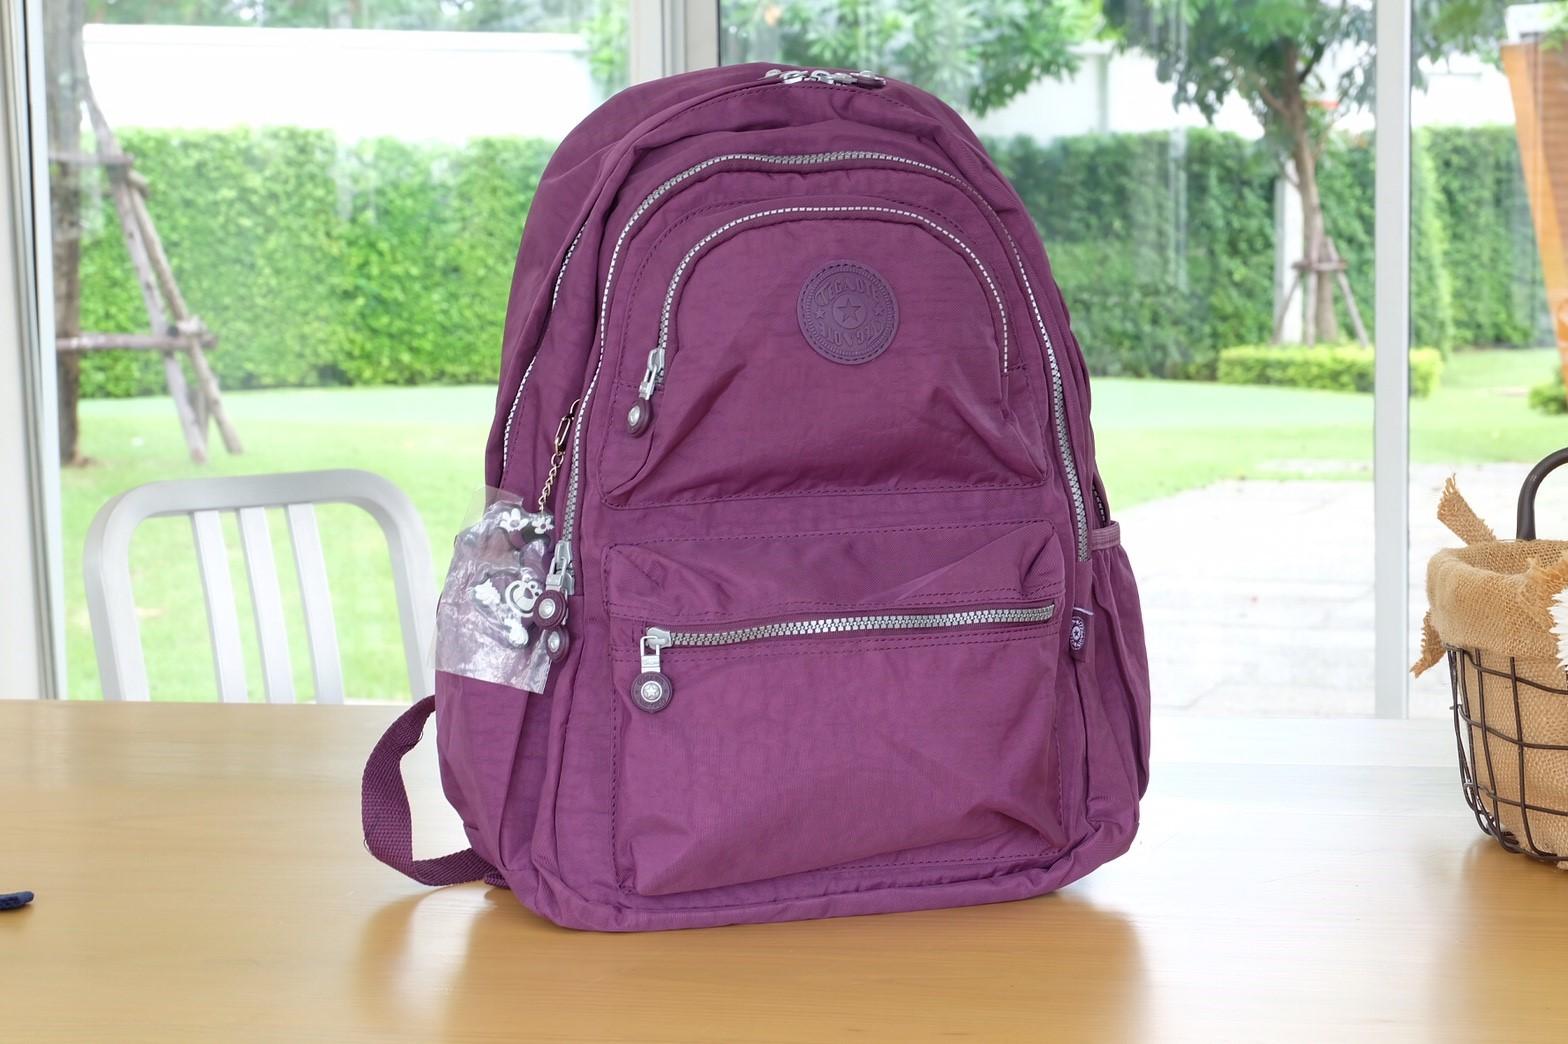 กระเป๋า kipling สะพายยาว สีม่วง